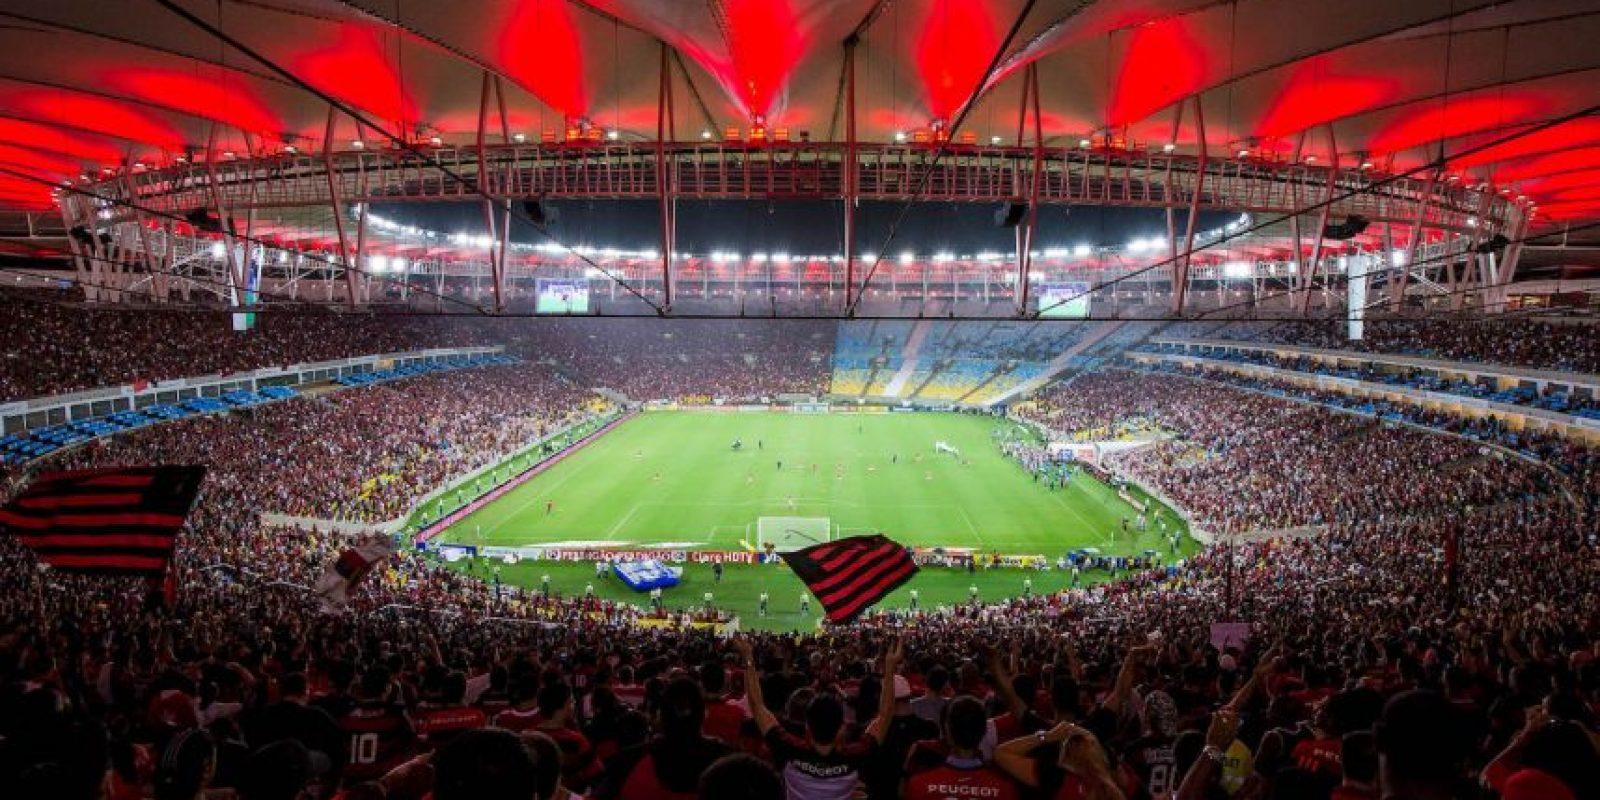 """Aquí se dio el histórico """"Maracanazo"""" en 1950, cuando Brasil perdió ante Uruguay en la Copa del Mundo. También fue sede de la final de Brasil 2014 y vio coronarse a Alemania. Foto:Getty Images"""